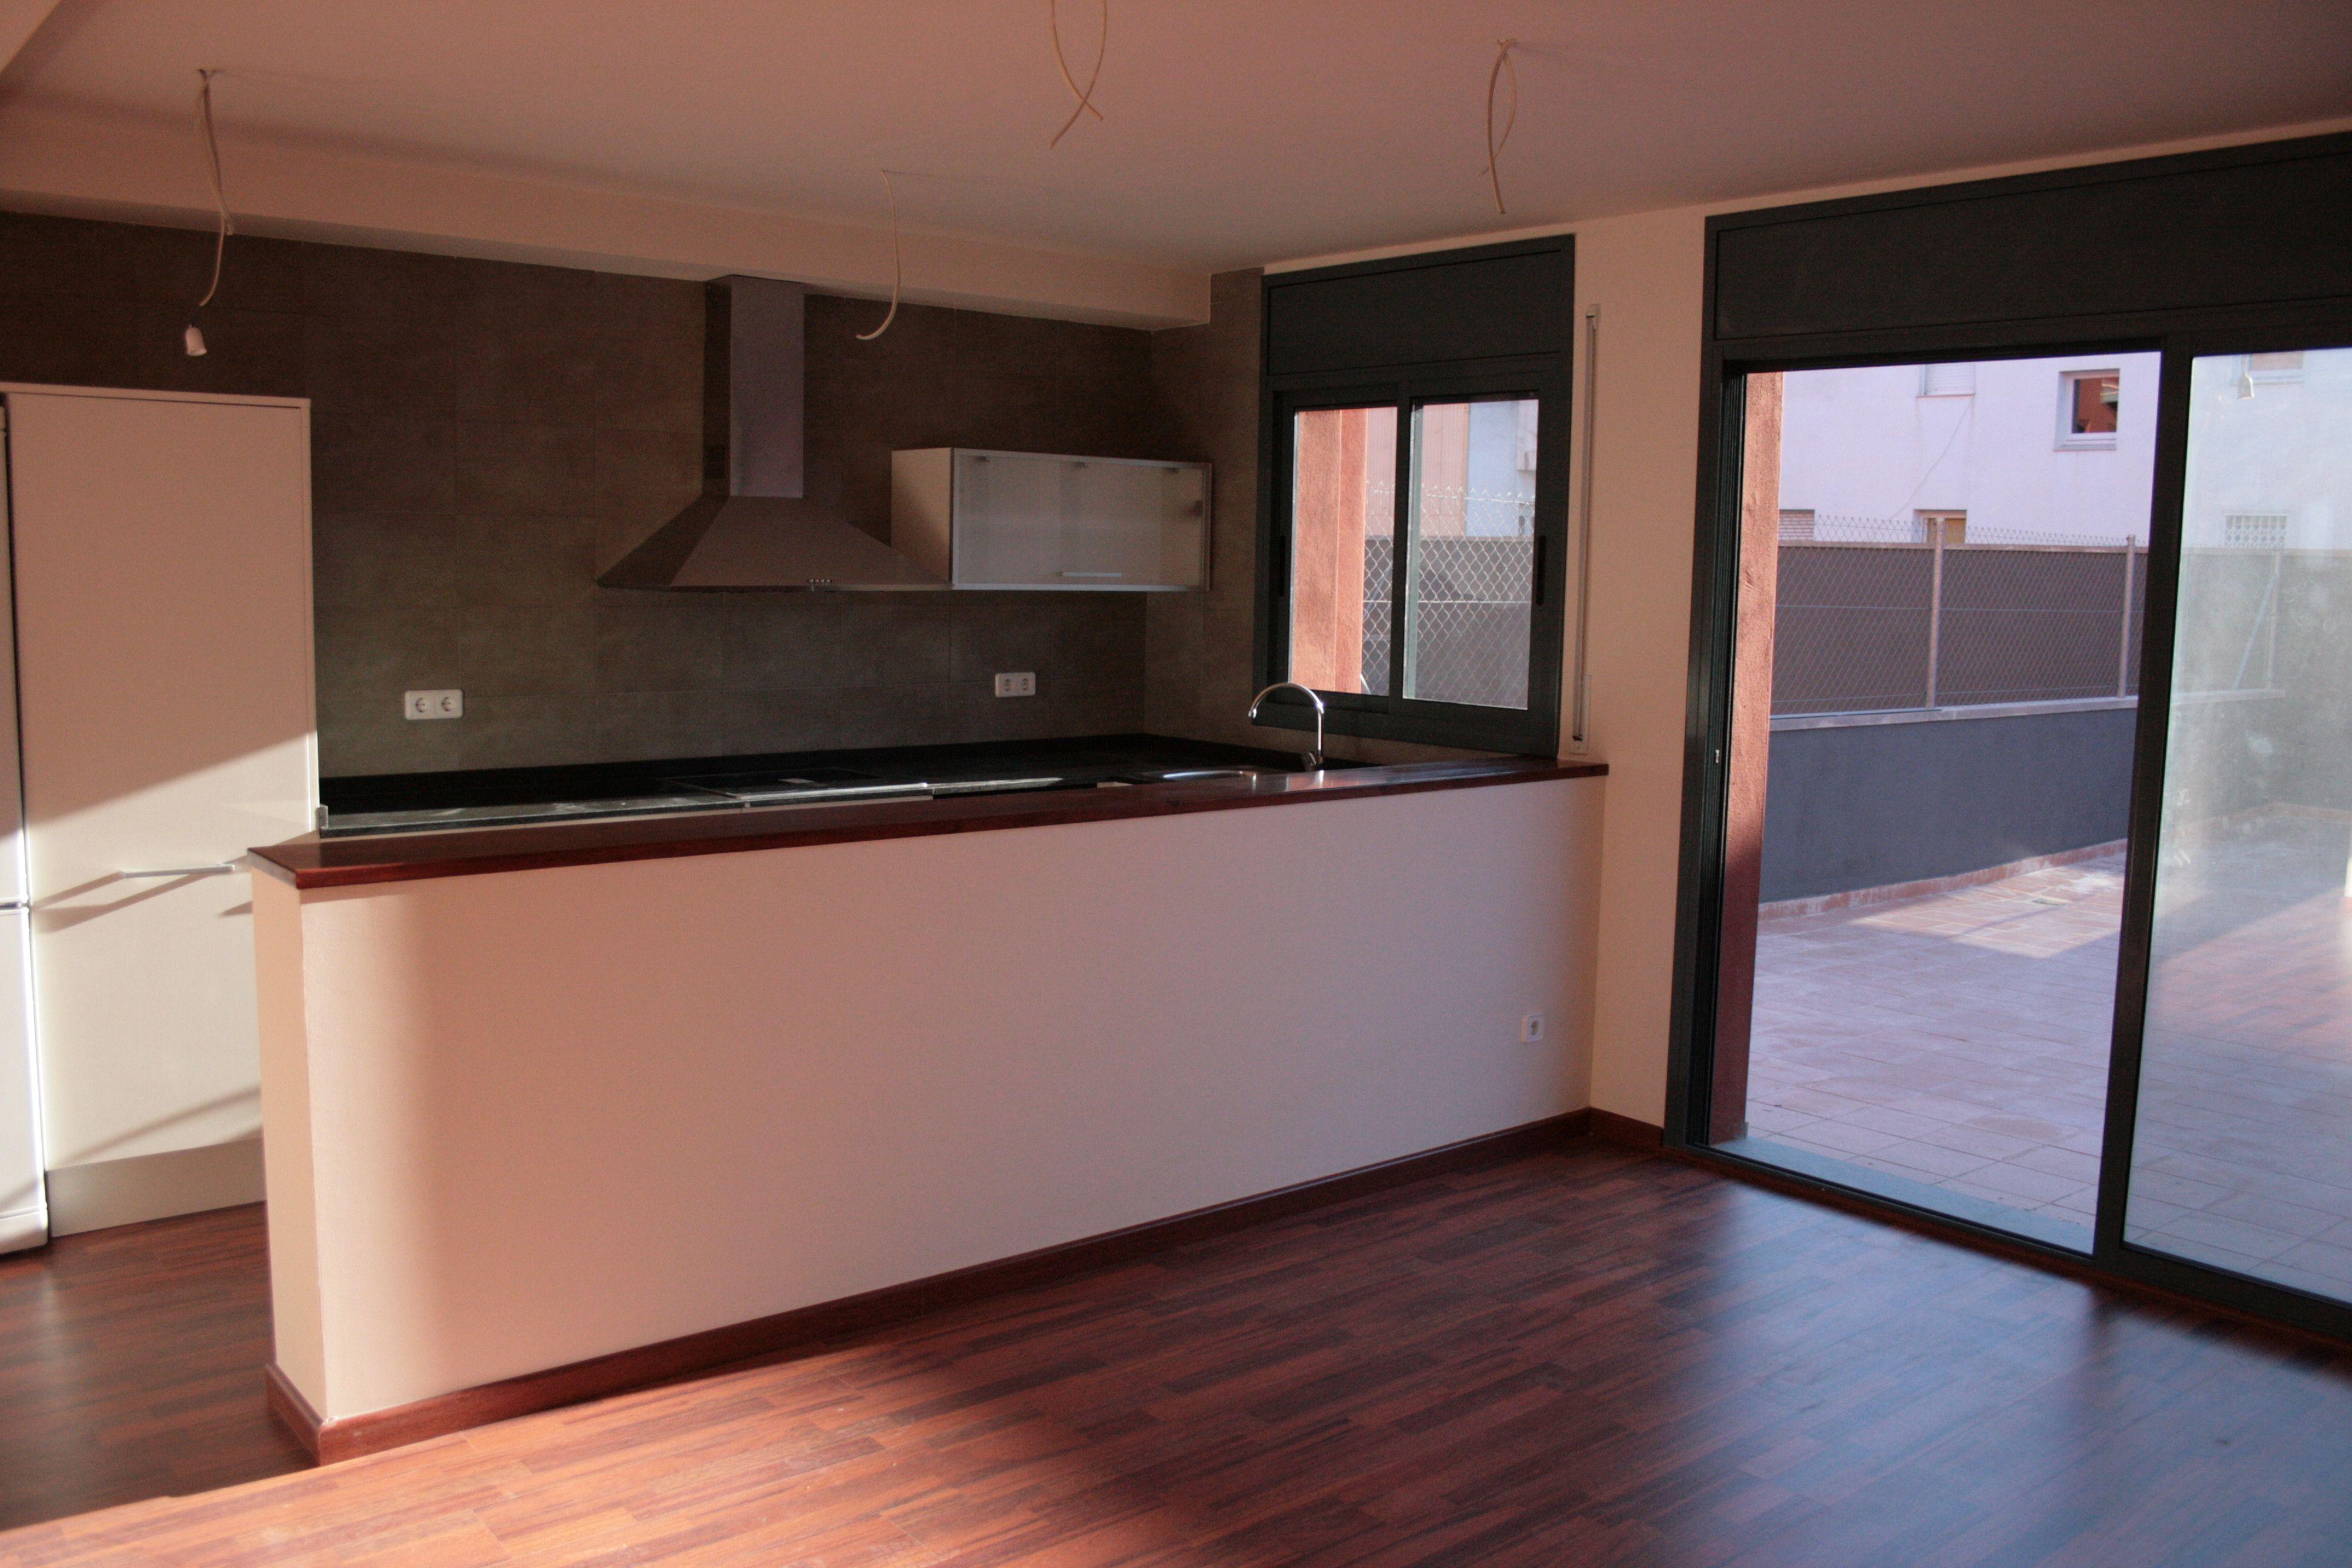 Decoracion Moderno Cocina Encimeras Puertas Vidrio Barras De  ~ Encimeras De Cristal Para Cocinas